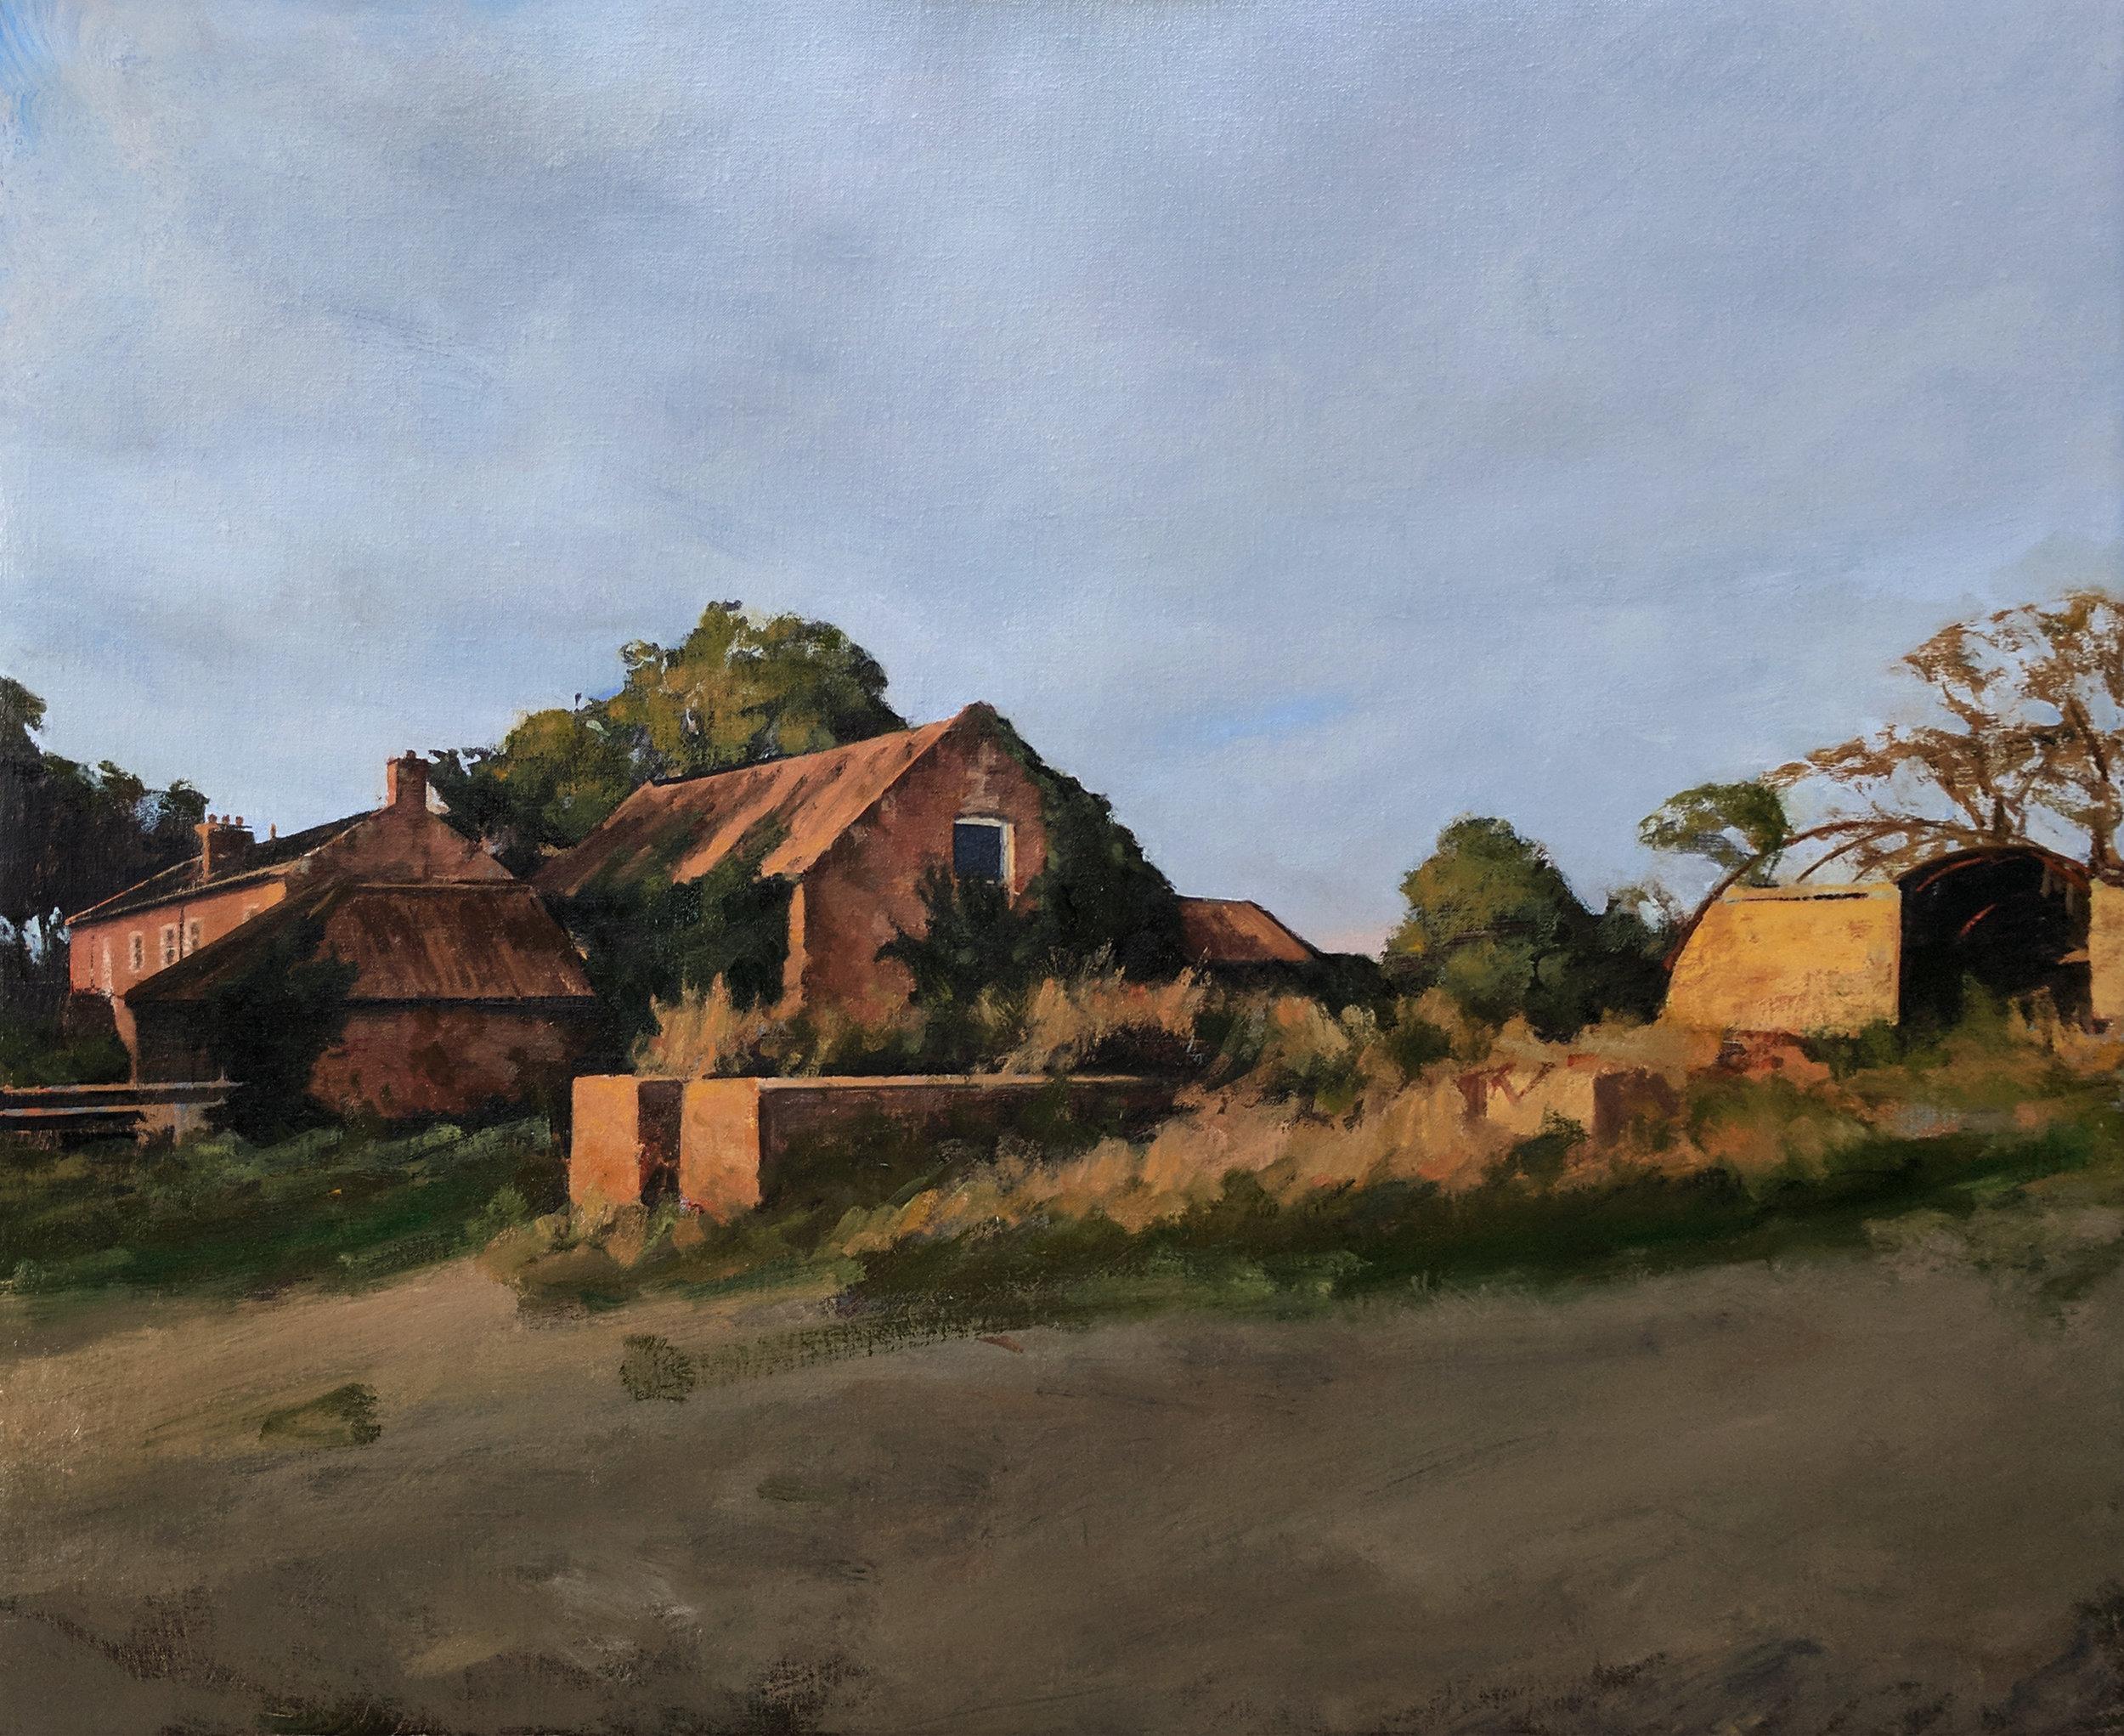 Ashby Hall Farm at sunset